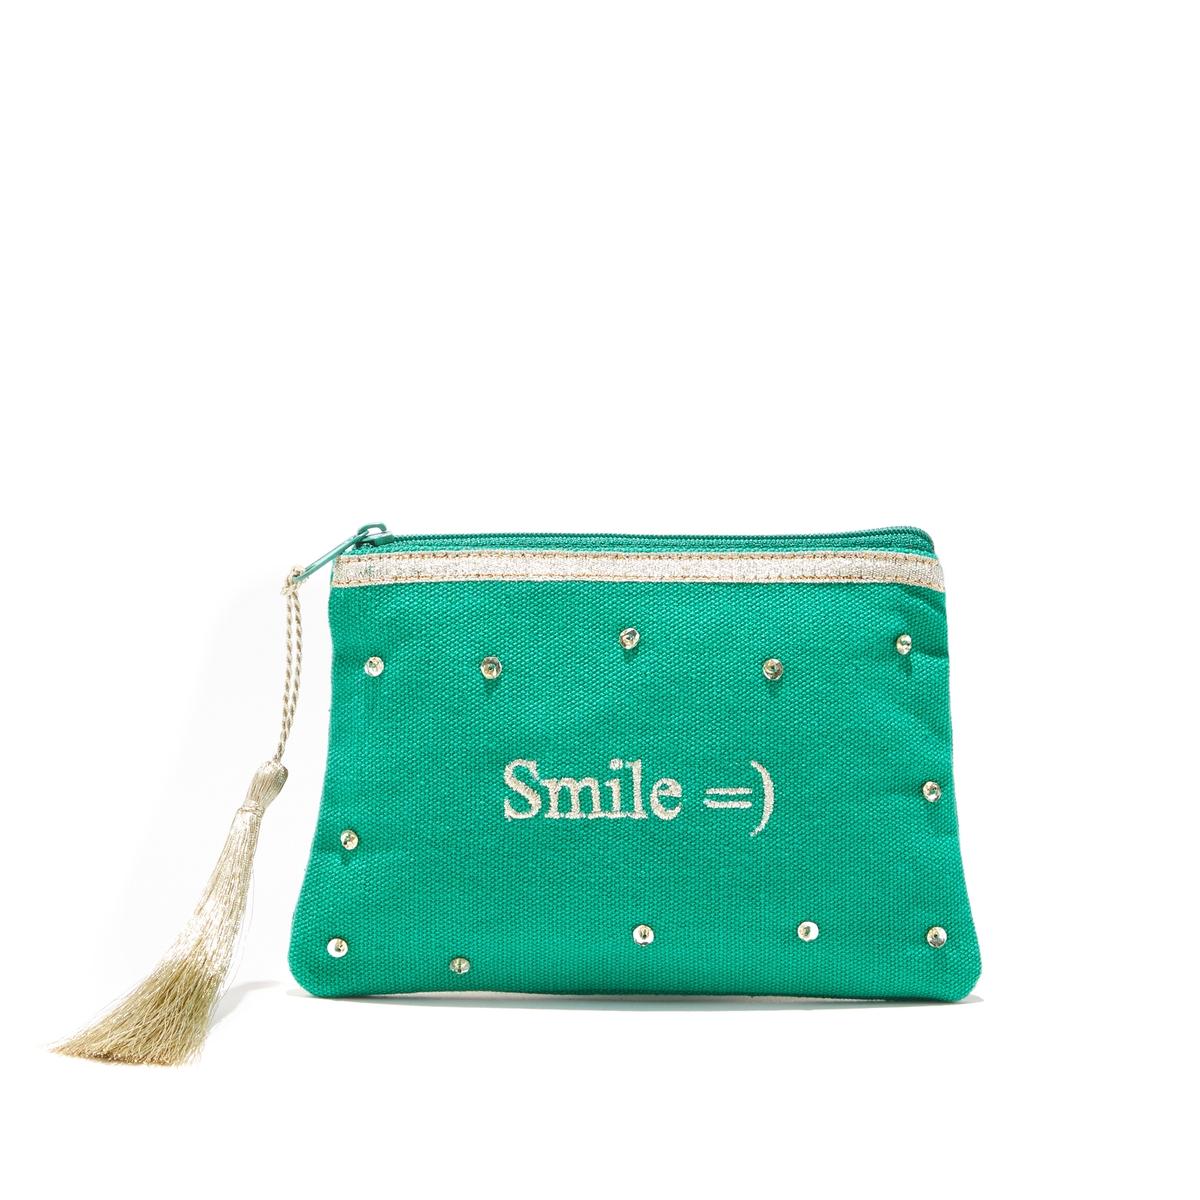 Клатч на молнии с надписьюКлатч на молнии PETITE MENDIGOTE - модель AUDE SMILE из хлопка с вышитой надписью SMILE , с блестящей тесьмой.Детали   •  Застежка на молнию с помпонами •  Размер : 21 x 13 x 1 смСостав и уход  •  100% хлопок •  Следуйте советам по уходу, указанным на этикетке<br><br>Цвет: зеленый